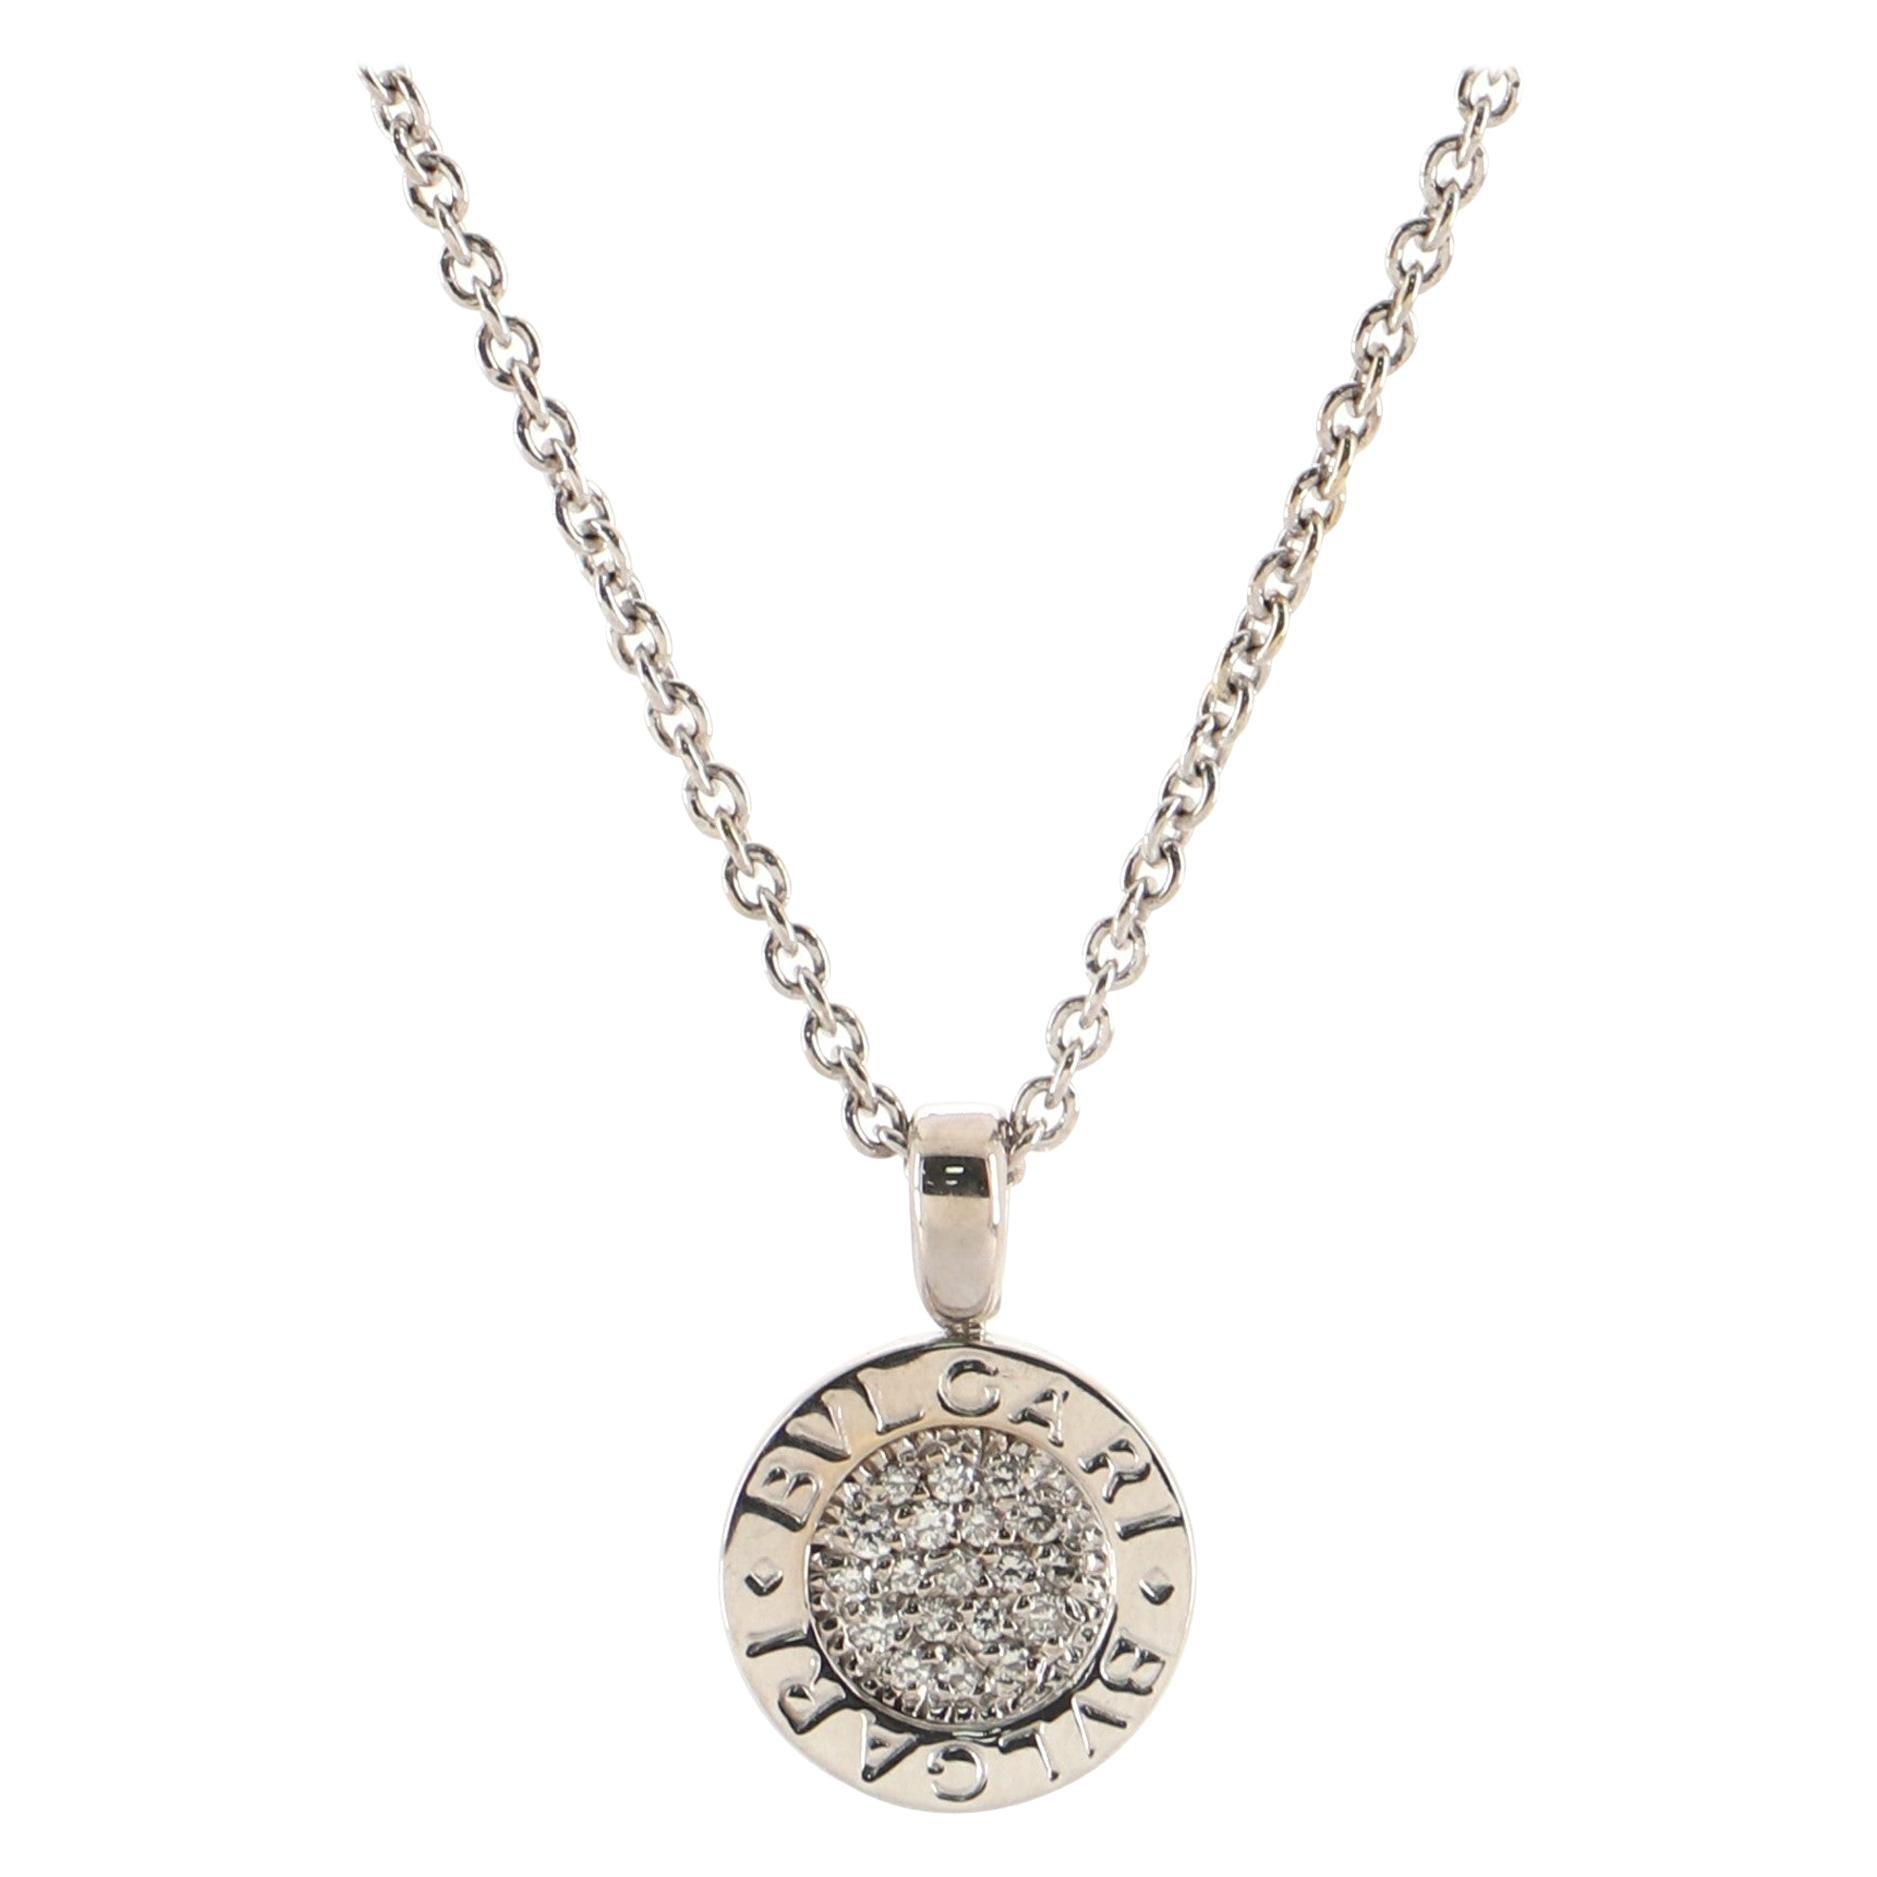 Bvlgari Bvlgari Bvlgari Pendant Necklace 18K White Gold with Diamonds